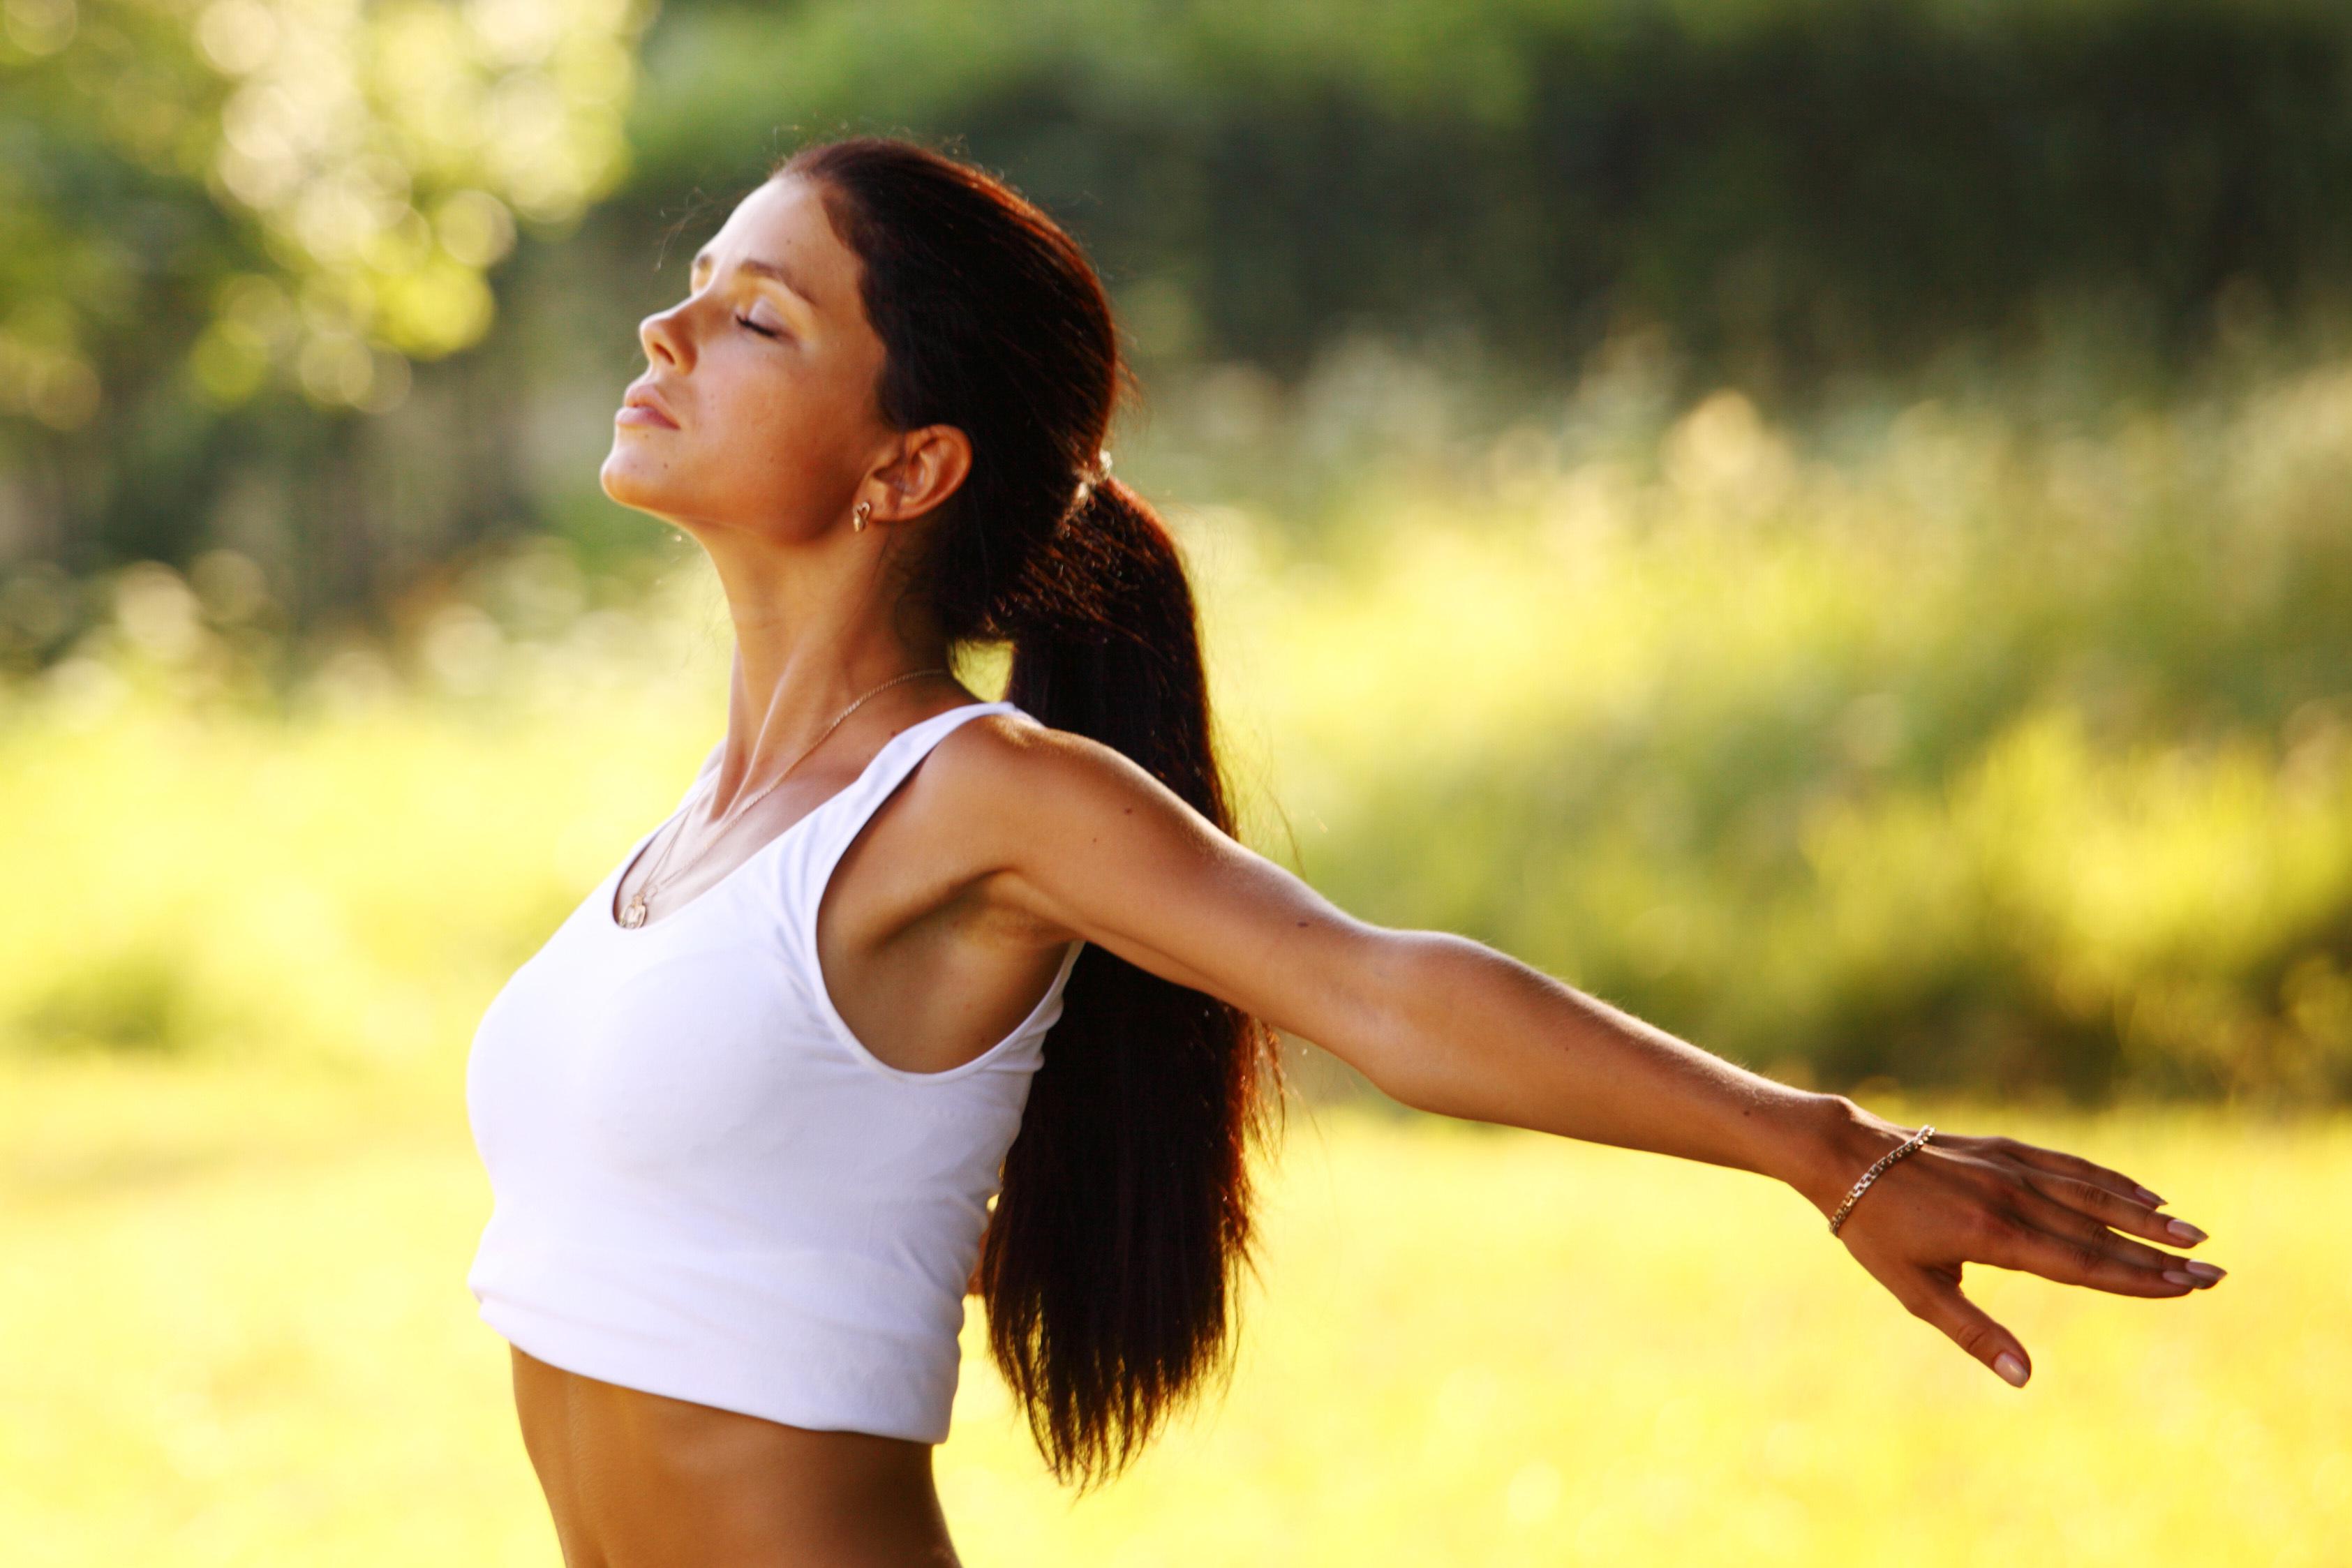 mujerdeporte-bienestar-yoga